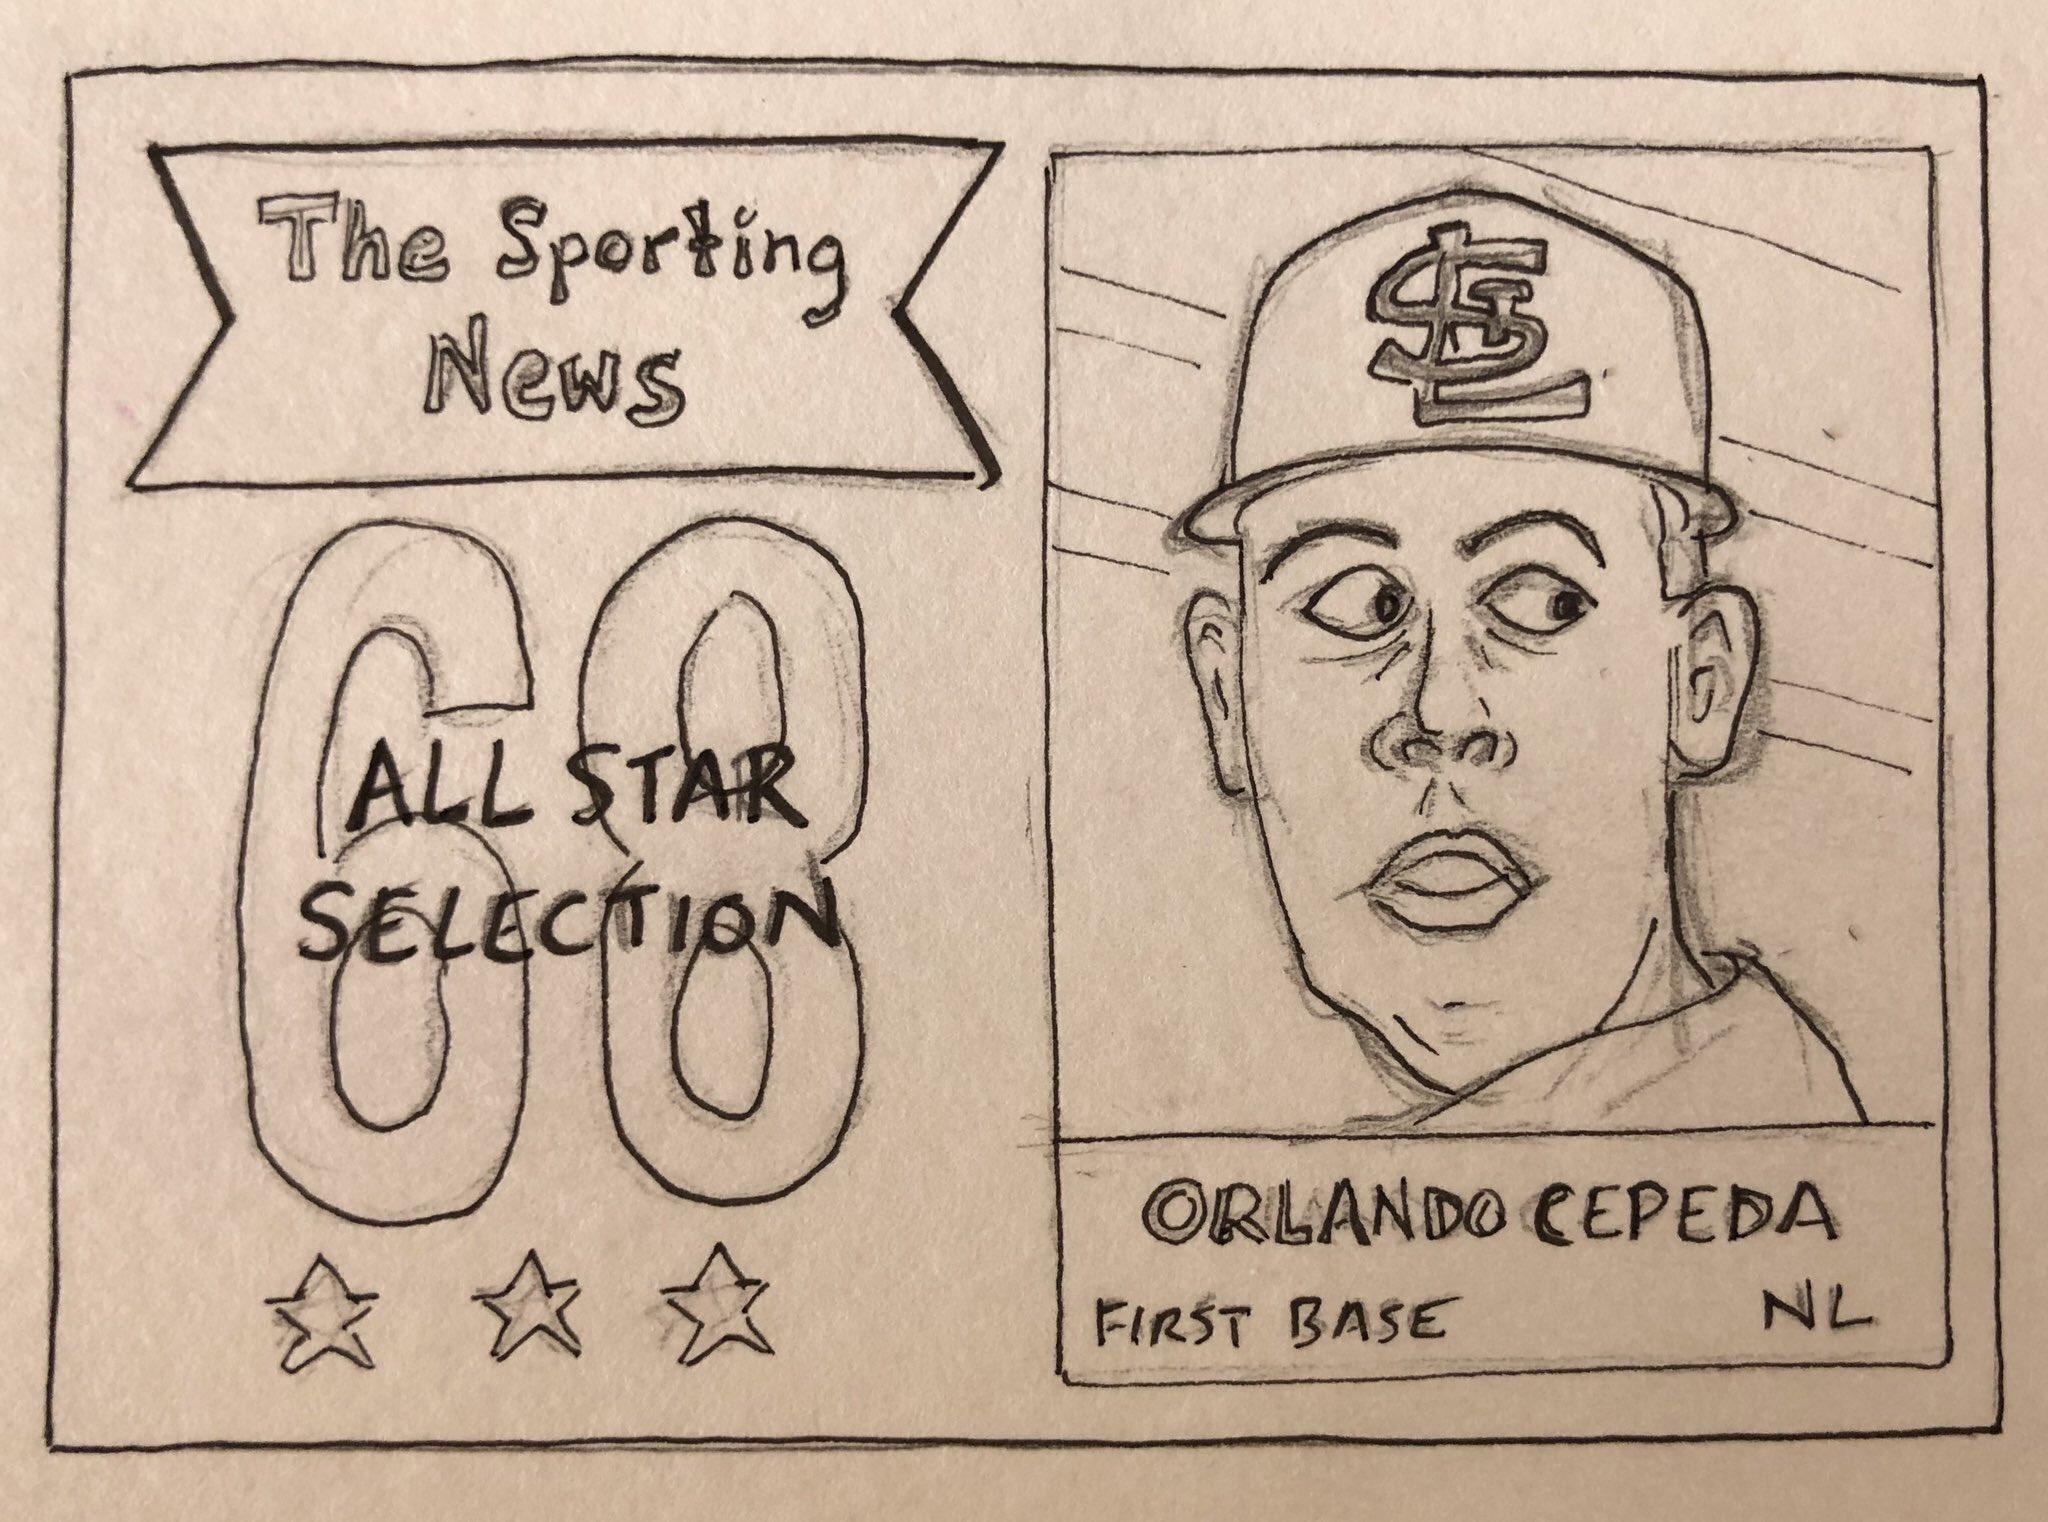 Happy Birthday Orlando Cepeda.